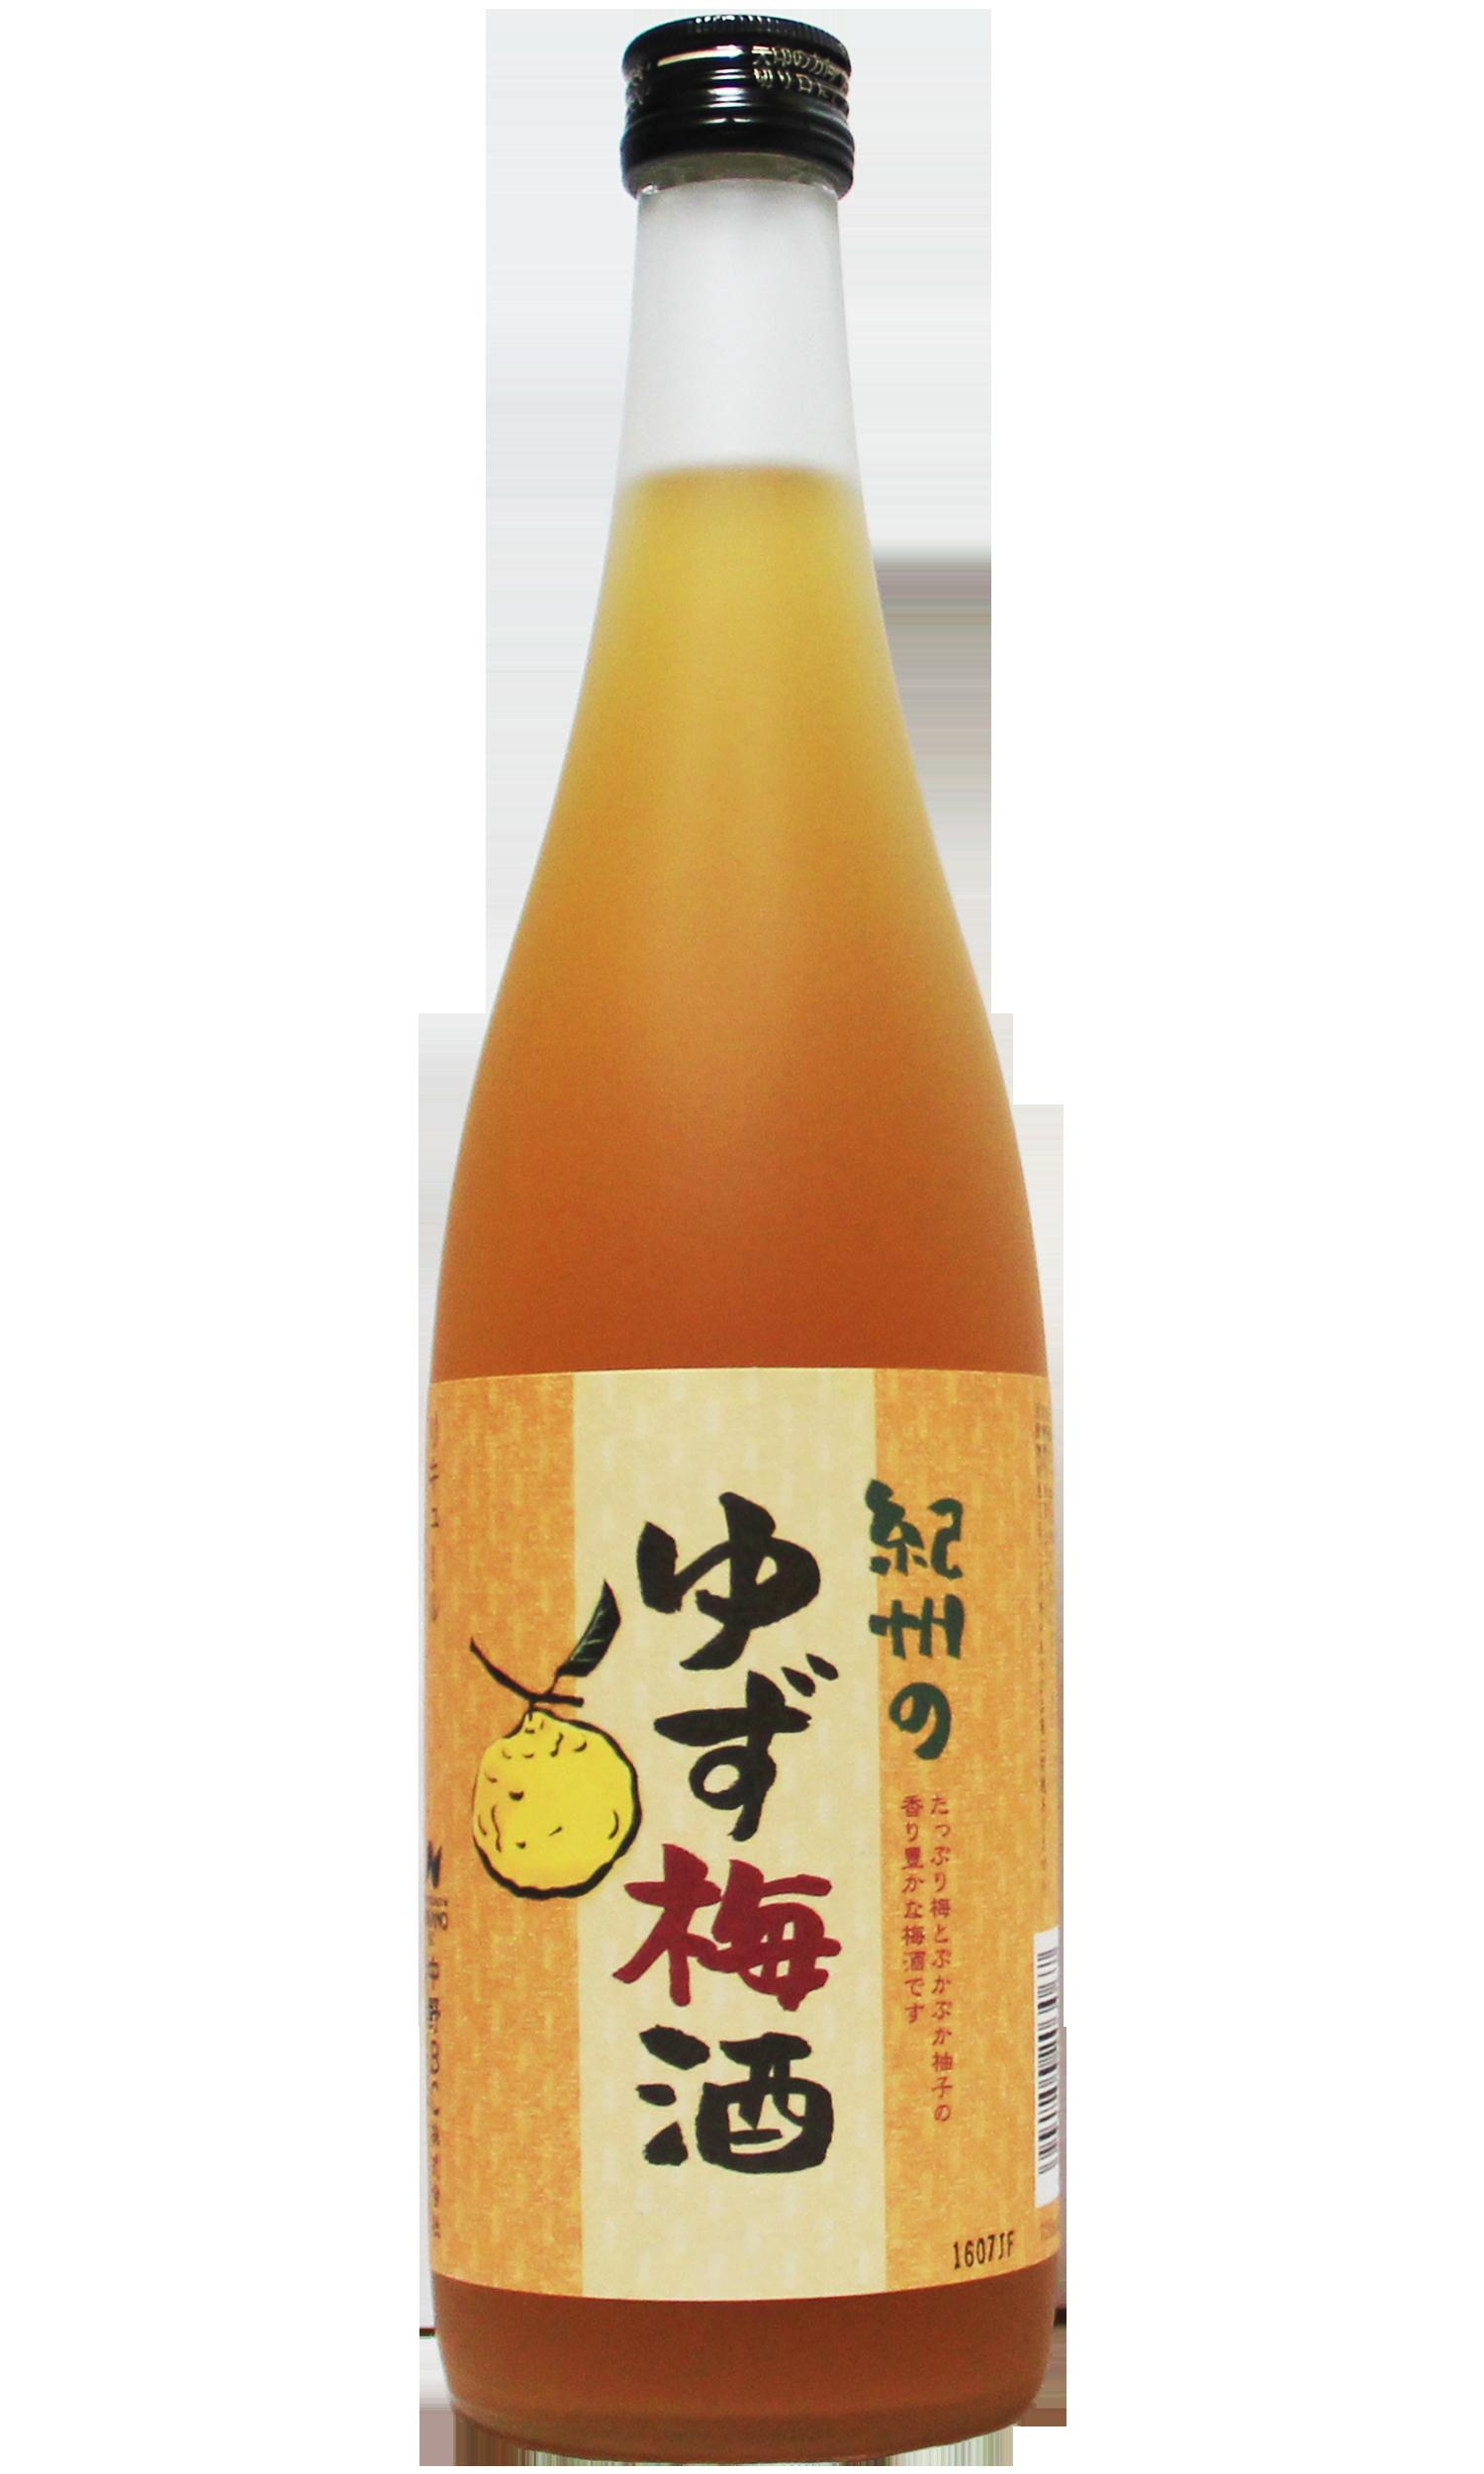 紀州のゆず梅酒 720ml